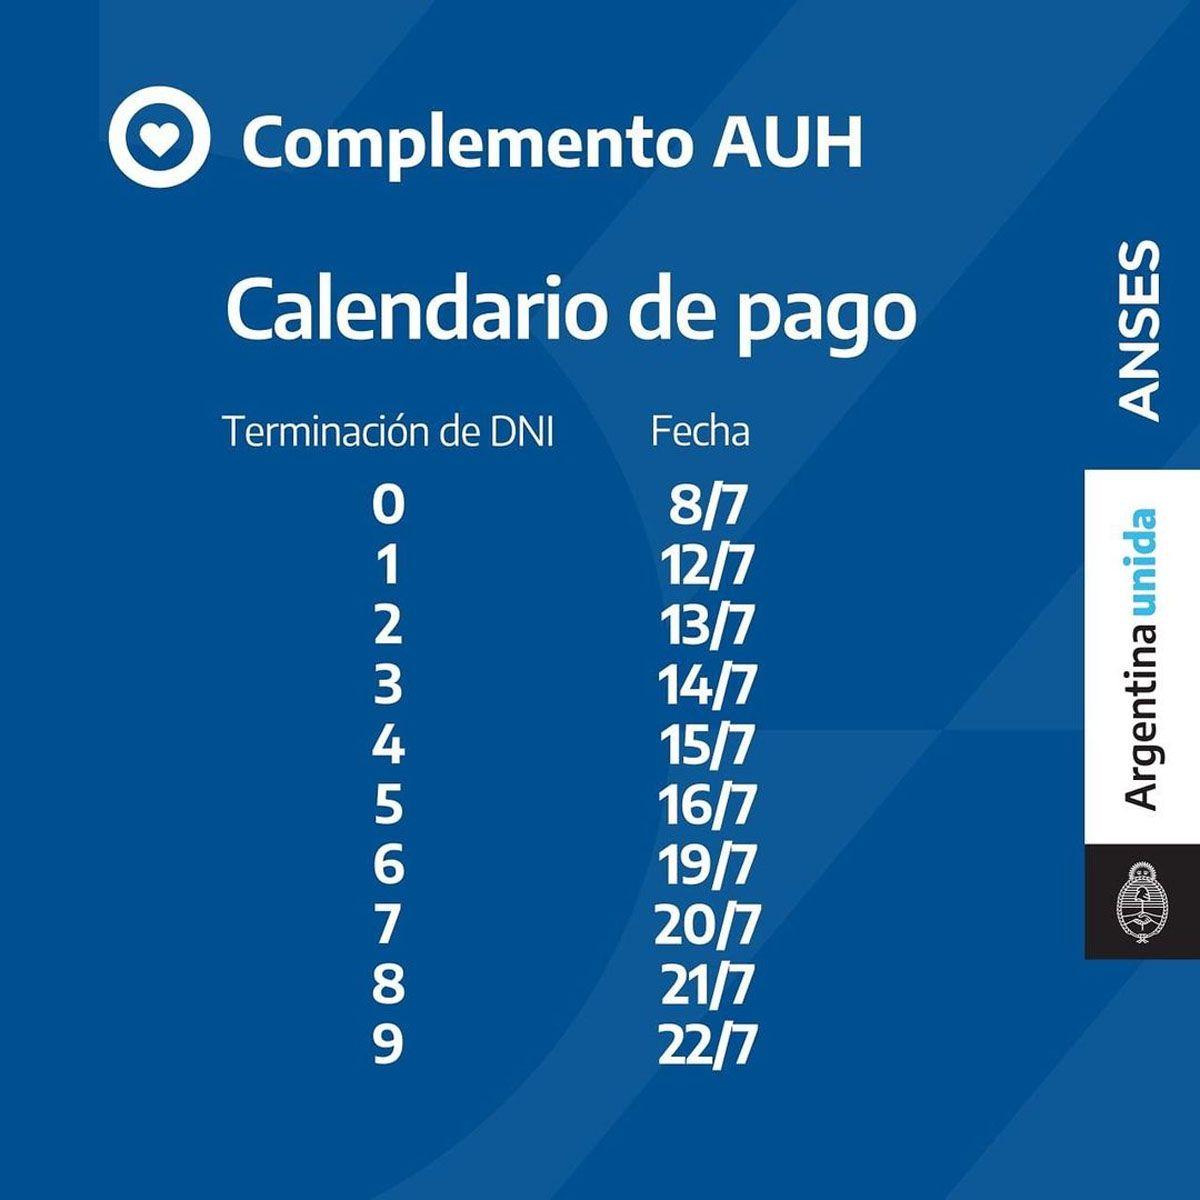 ANSES. Cuándo cobro lo retenido de AUH. Calendario de pago AUH julio 2021: prestación más complemento.